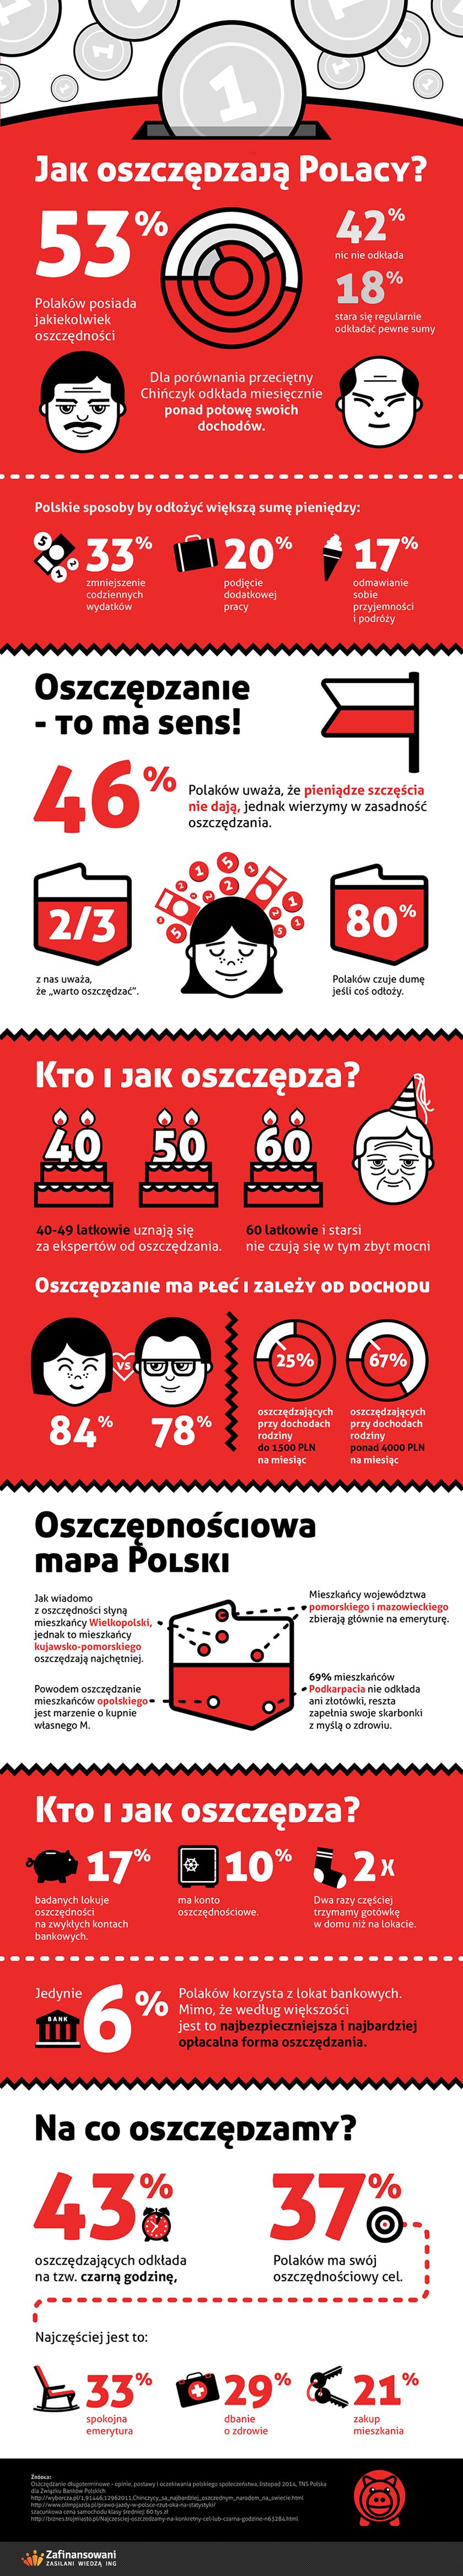 infoGFX-Polacy-oszczedzaja840.png